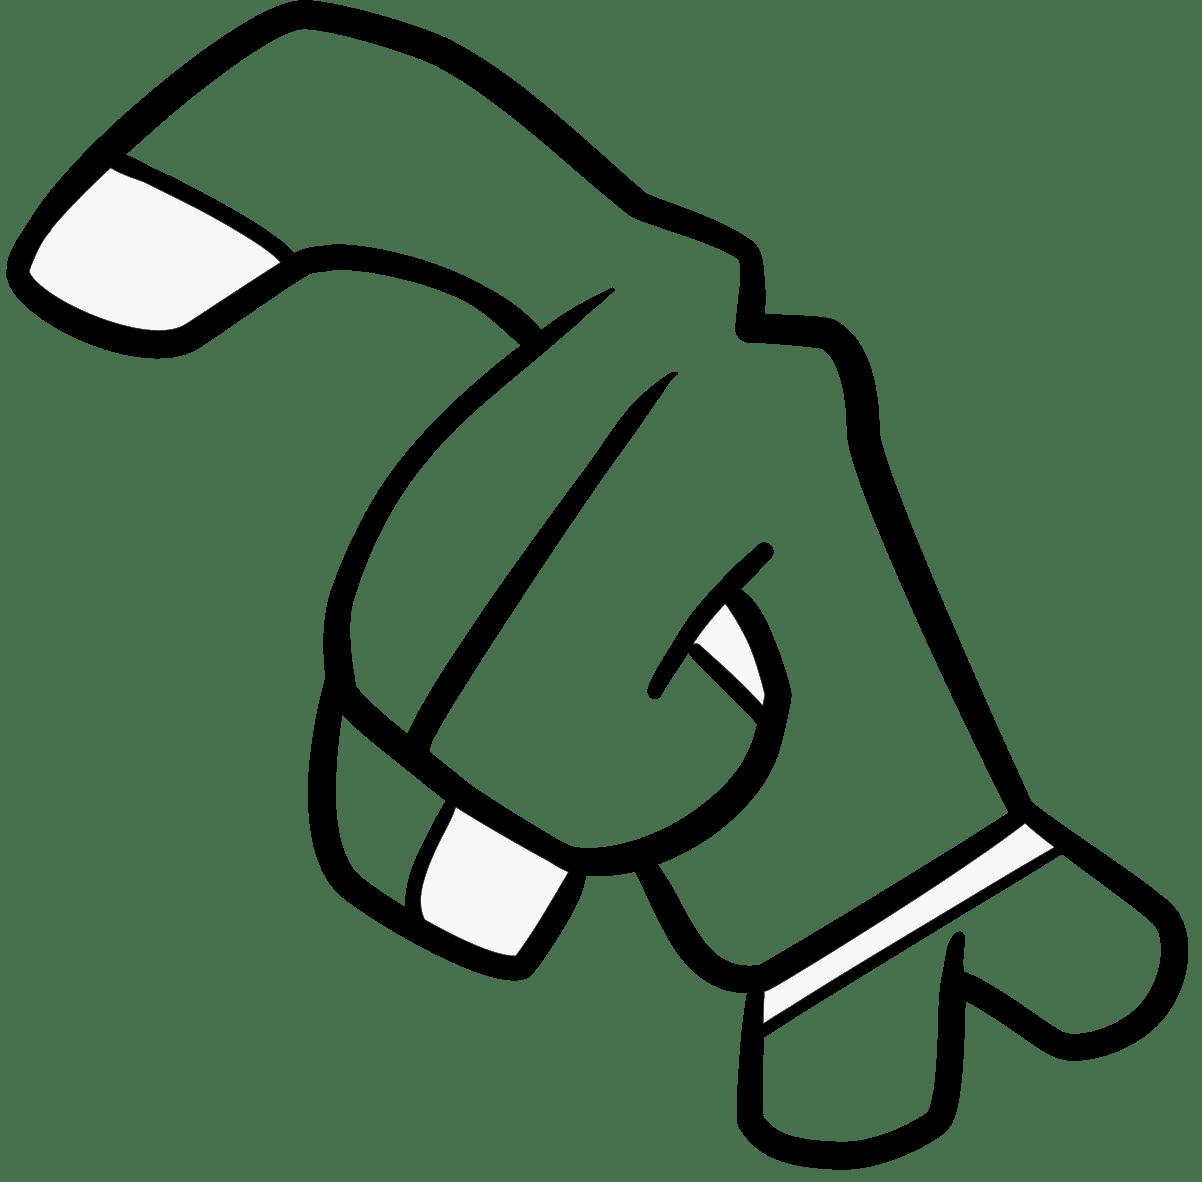 Finger clipart finger tap. Clip art